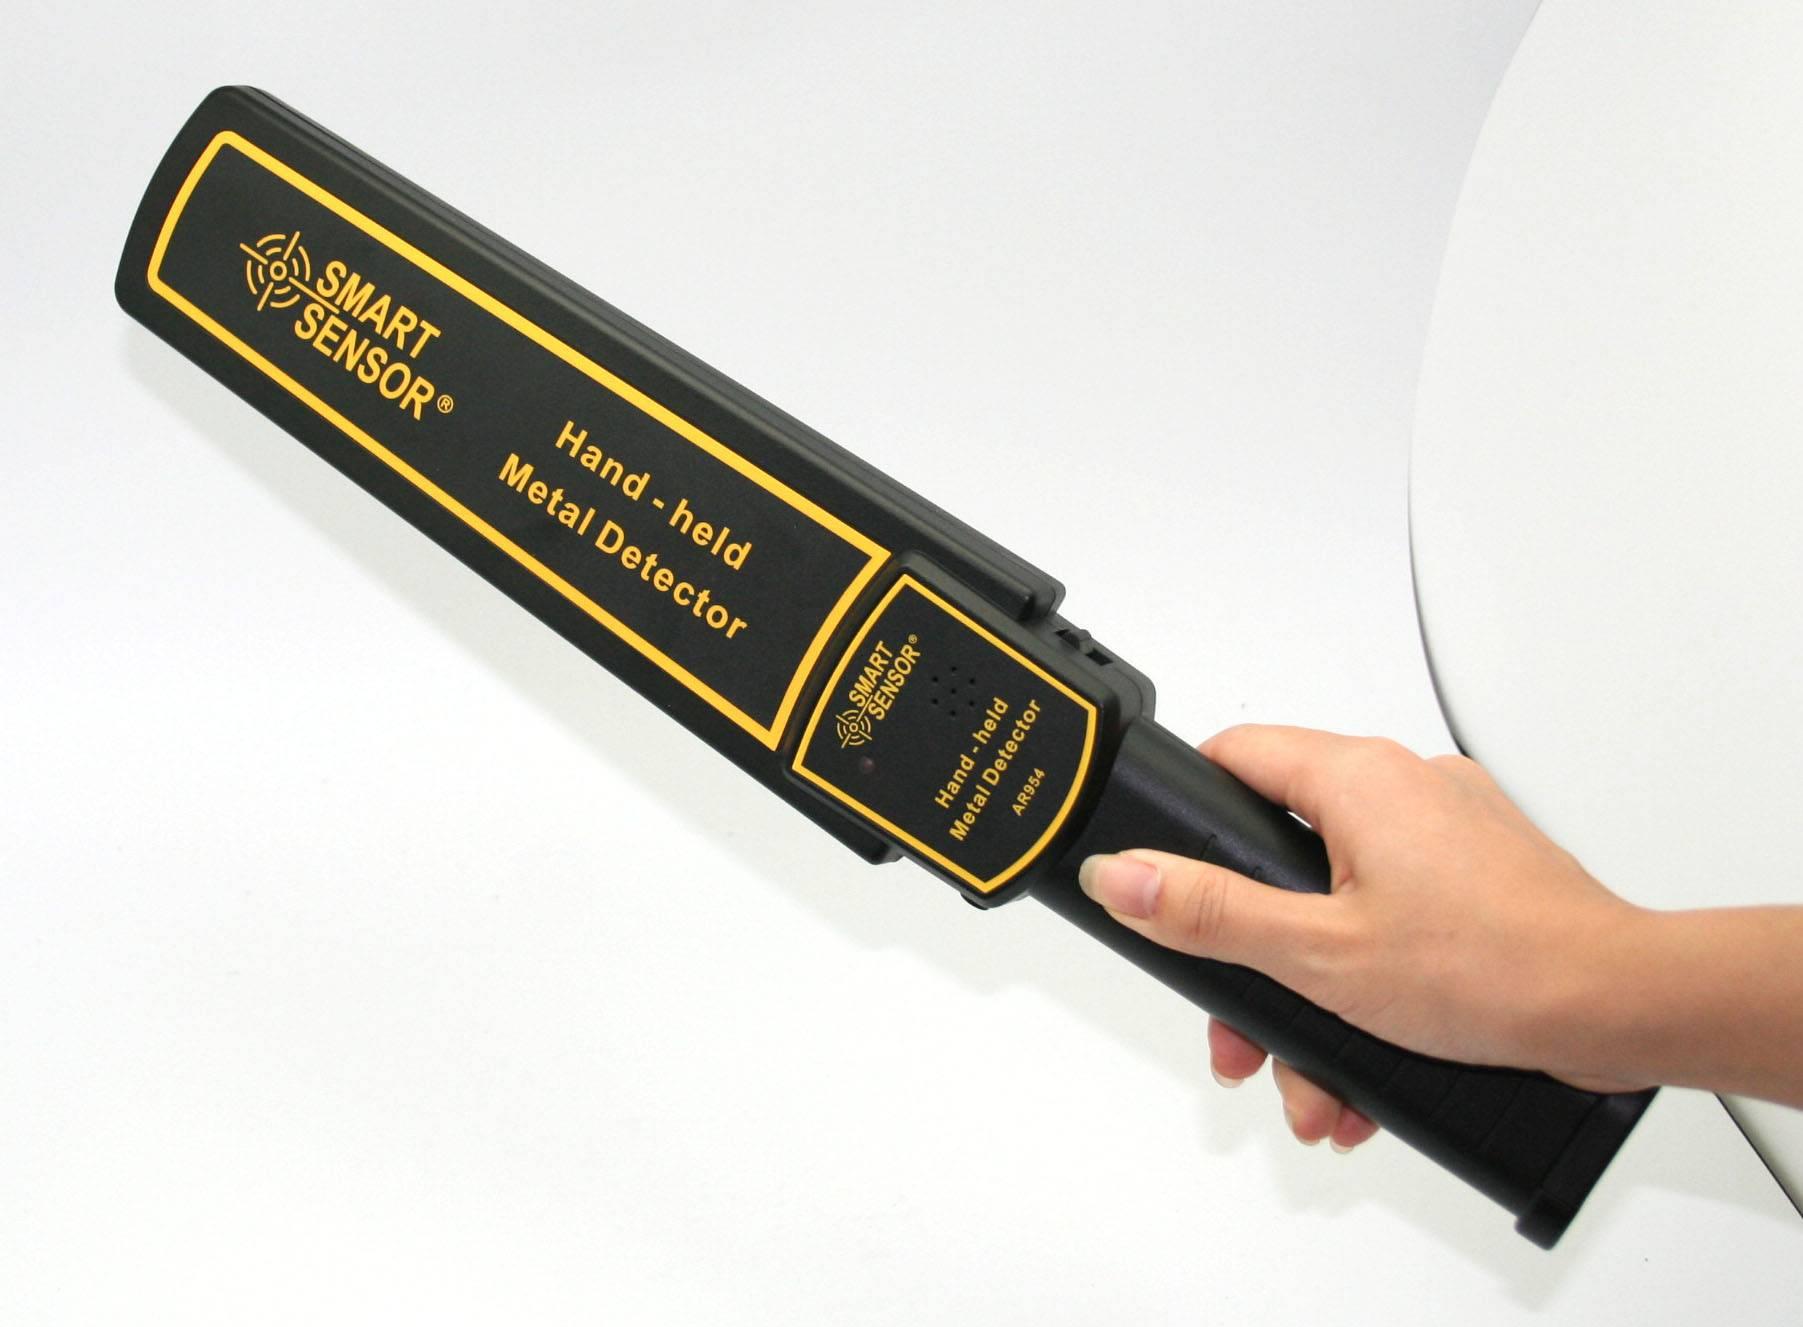 Smart Sensor Hand-Held Metal Detector AR954